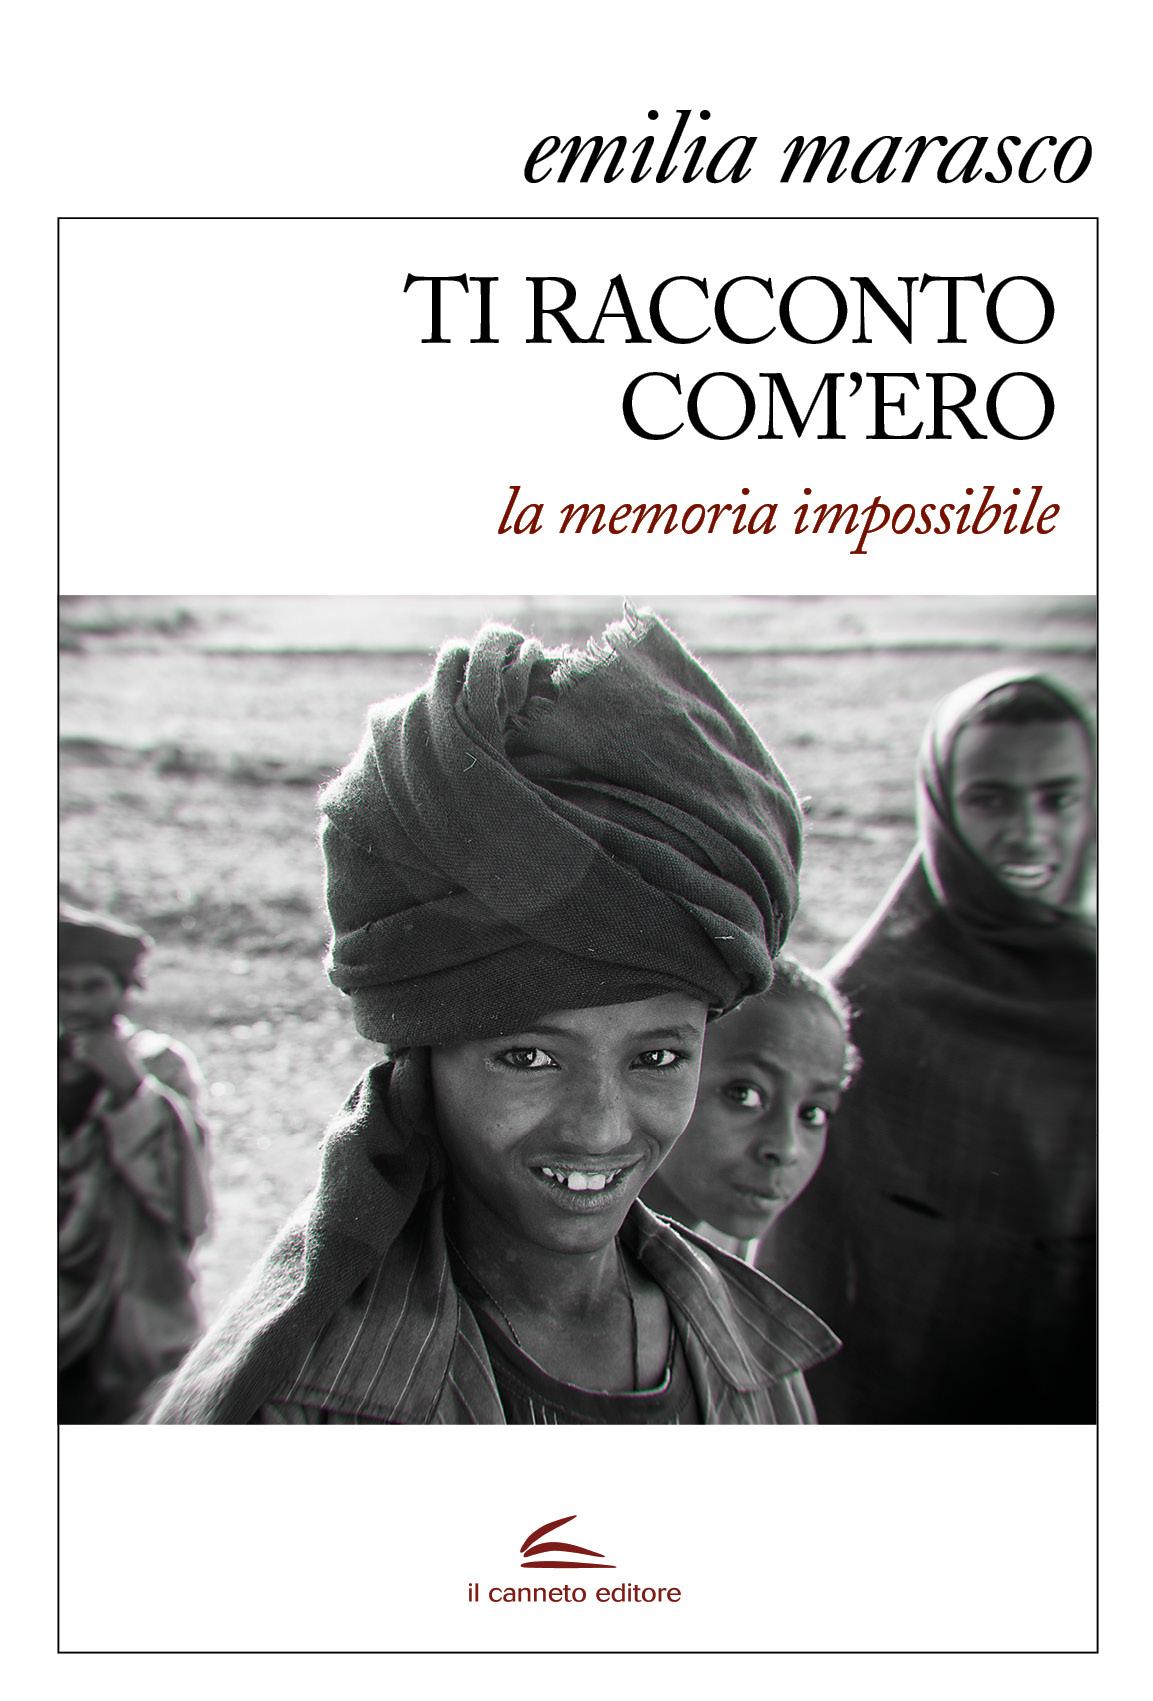 Ti racconto_cover_fronte